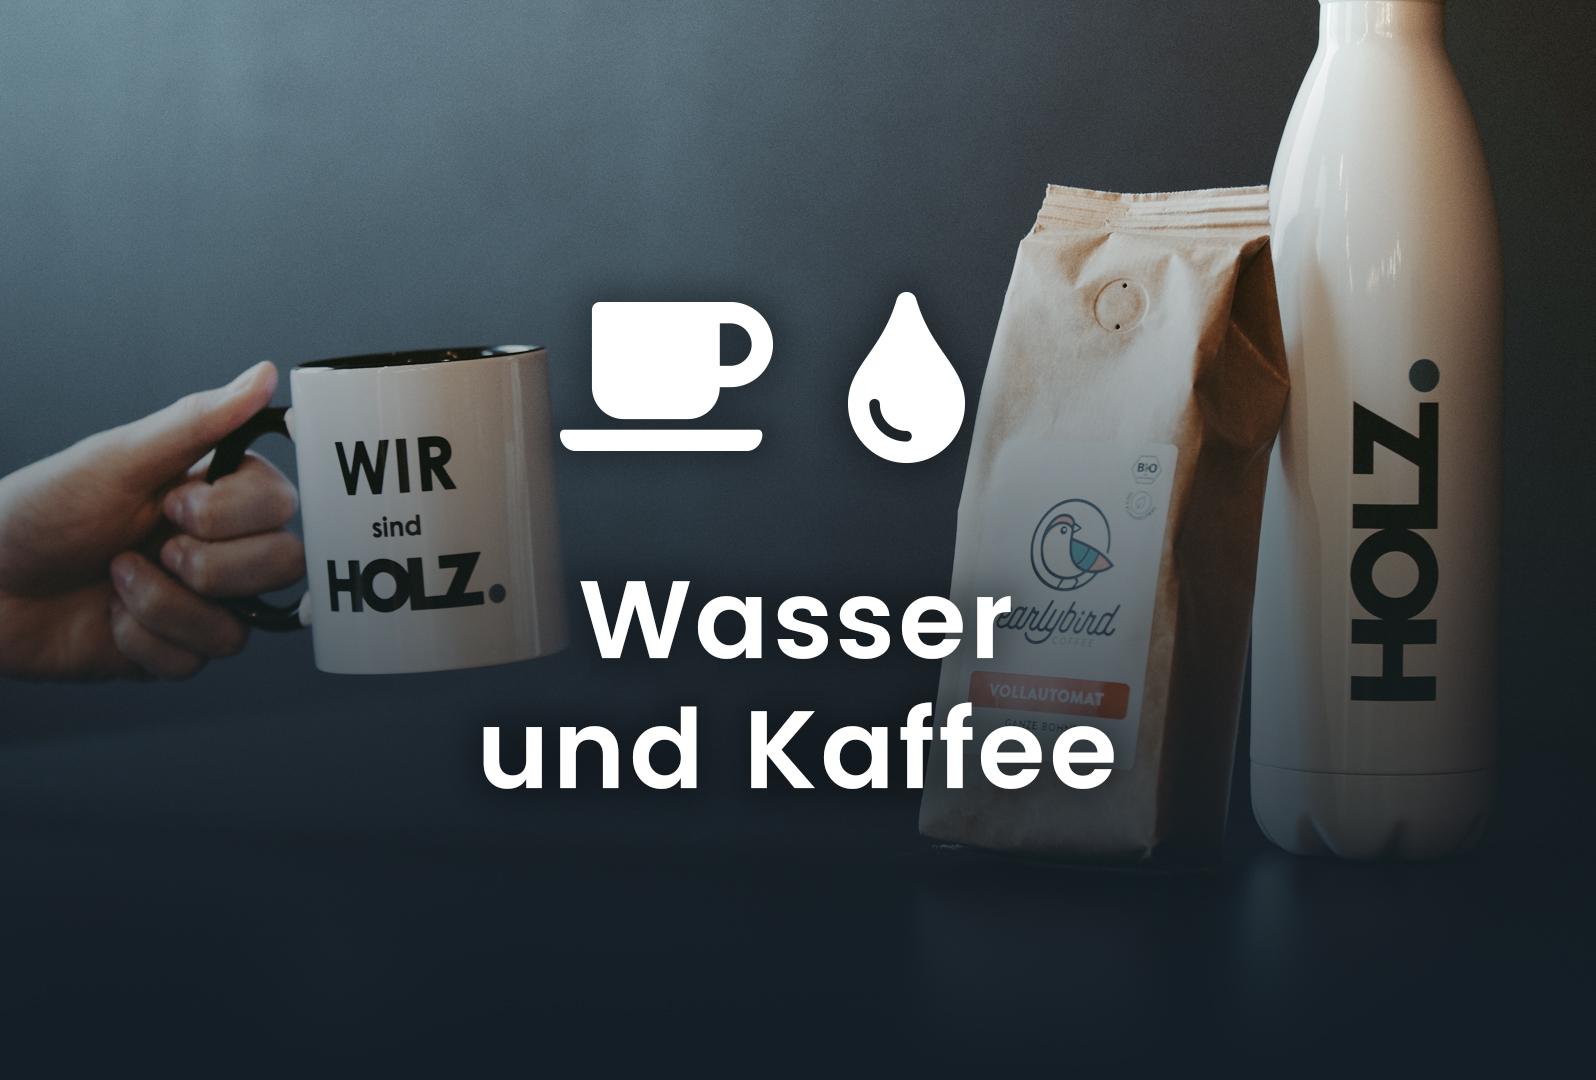 Wasser und Kaffee